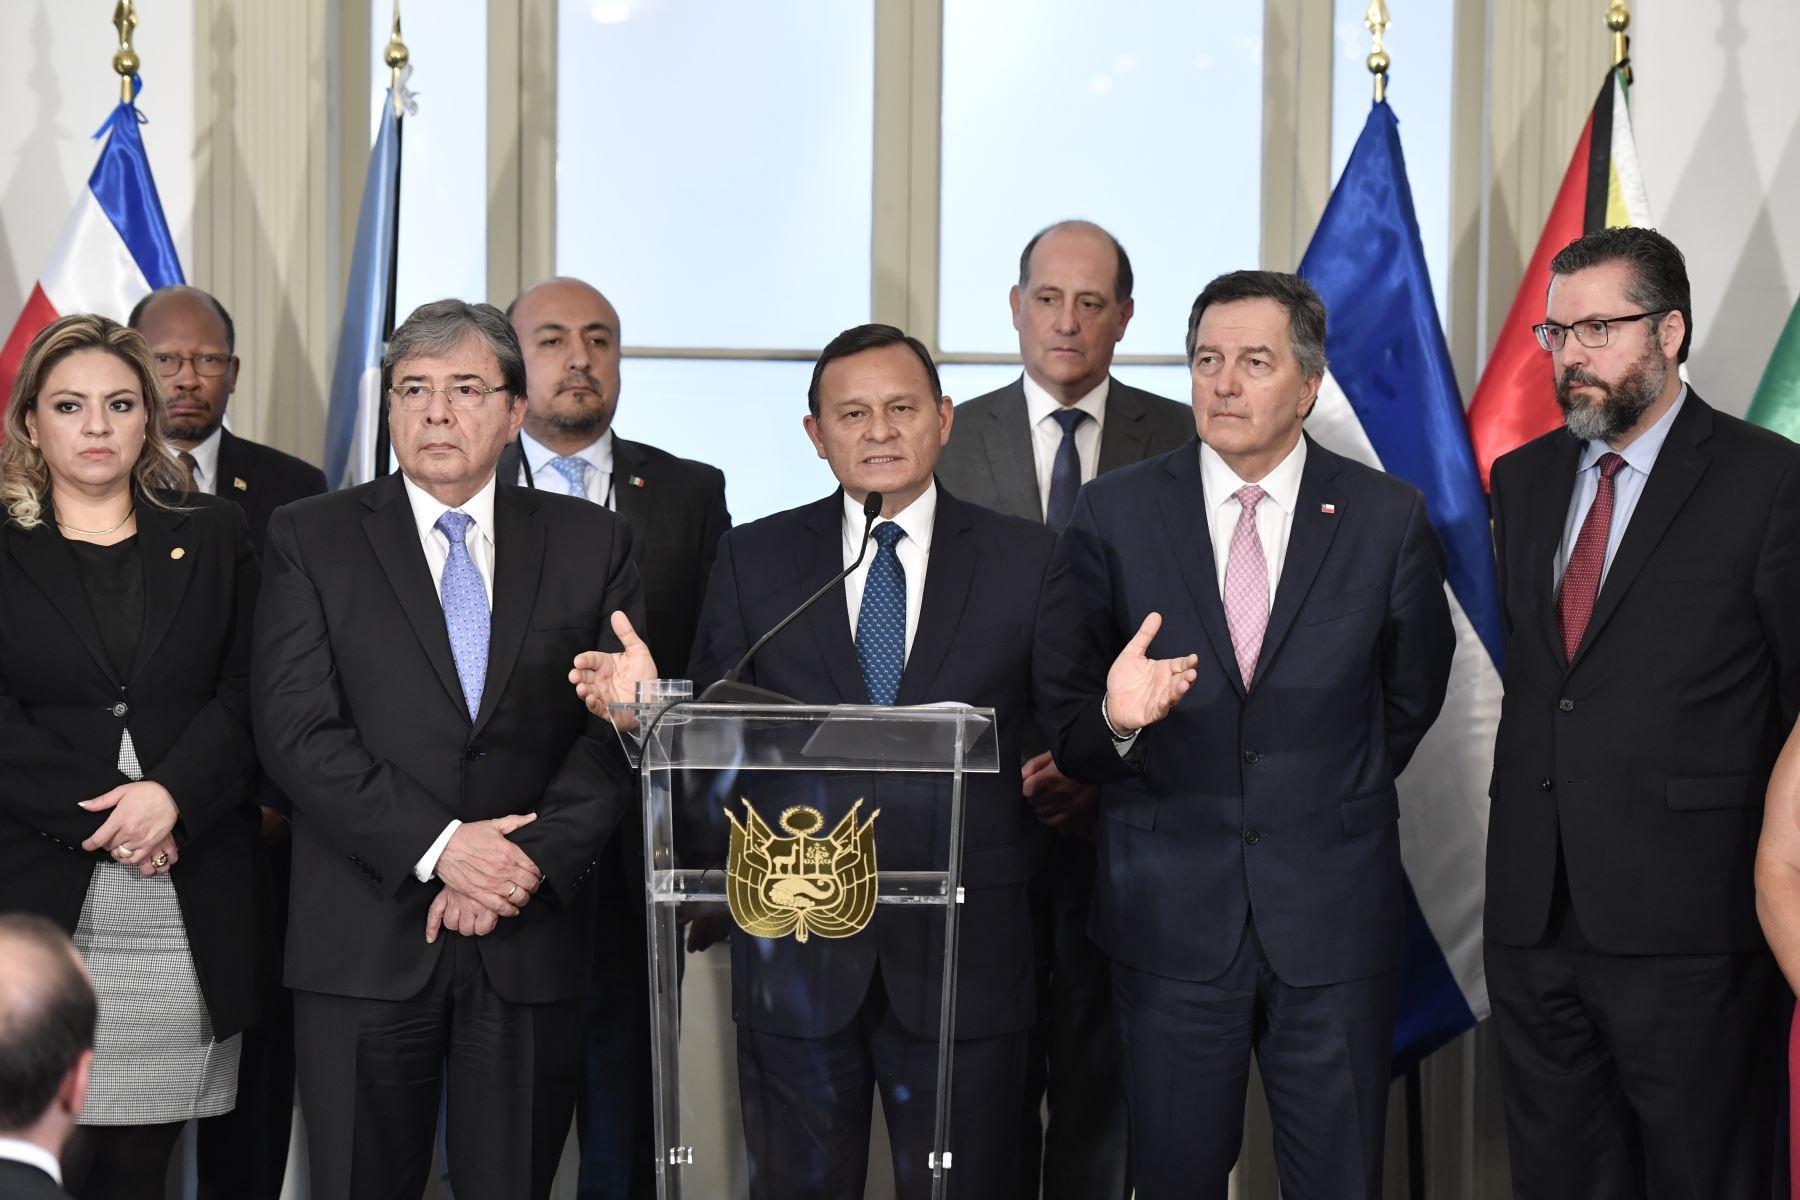 04/01/2019   El Canciller Néstor Popolizio presidió la Reunión de Ministros de Relaciones Exteriores del Grupo de Lima realizada en el Palacio de Torre Tagle. Foto: ANDINA/MRE